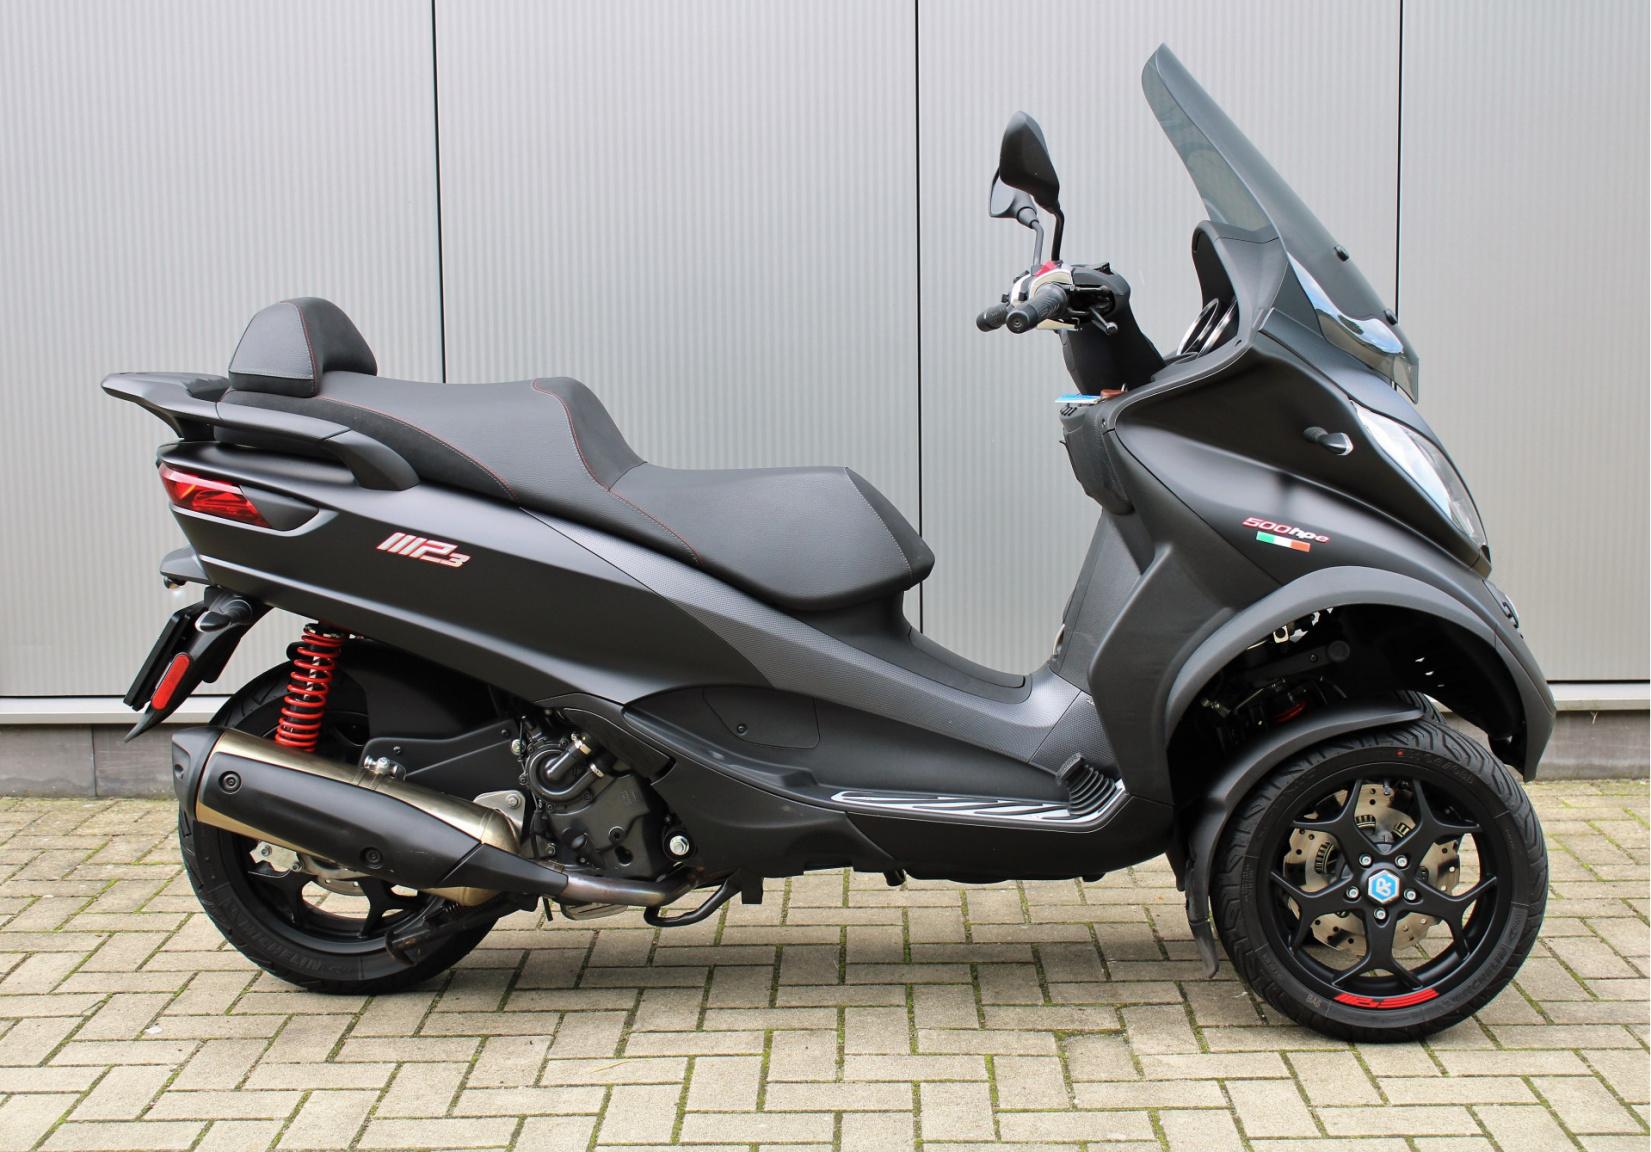 Piaggio-500 MP3 HPE Sport 4678KM Bouwjaar 2020-3